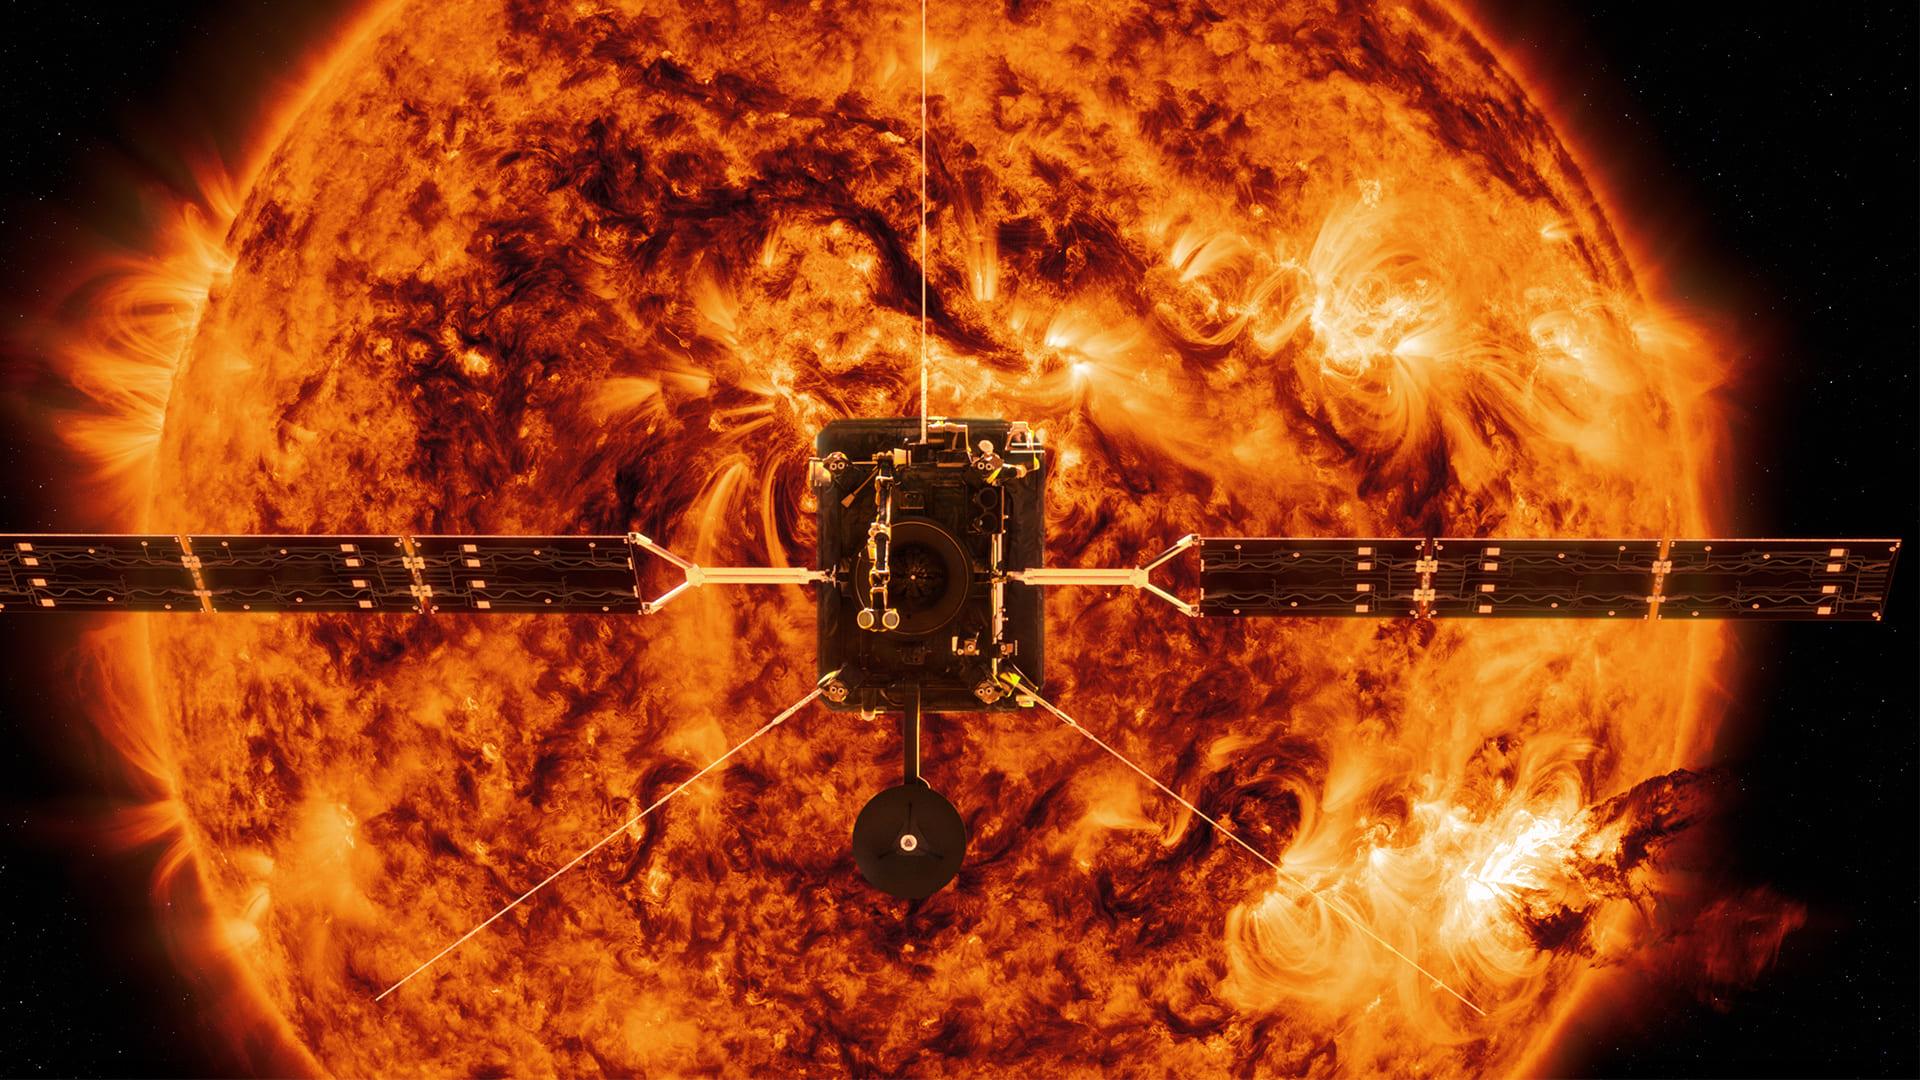 ASI - SOLAR ORBITER: INIZIATO IL VIAGGIO VERSO IL SOLE